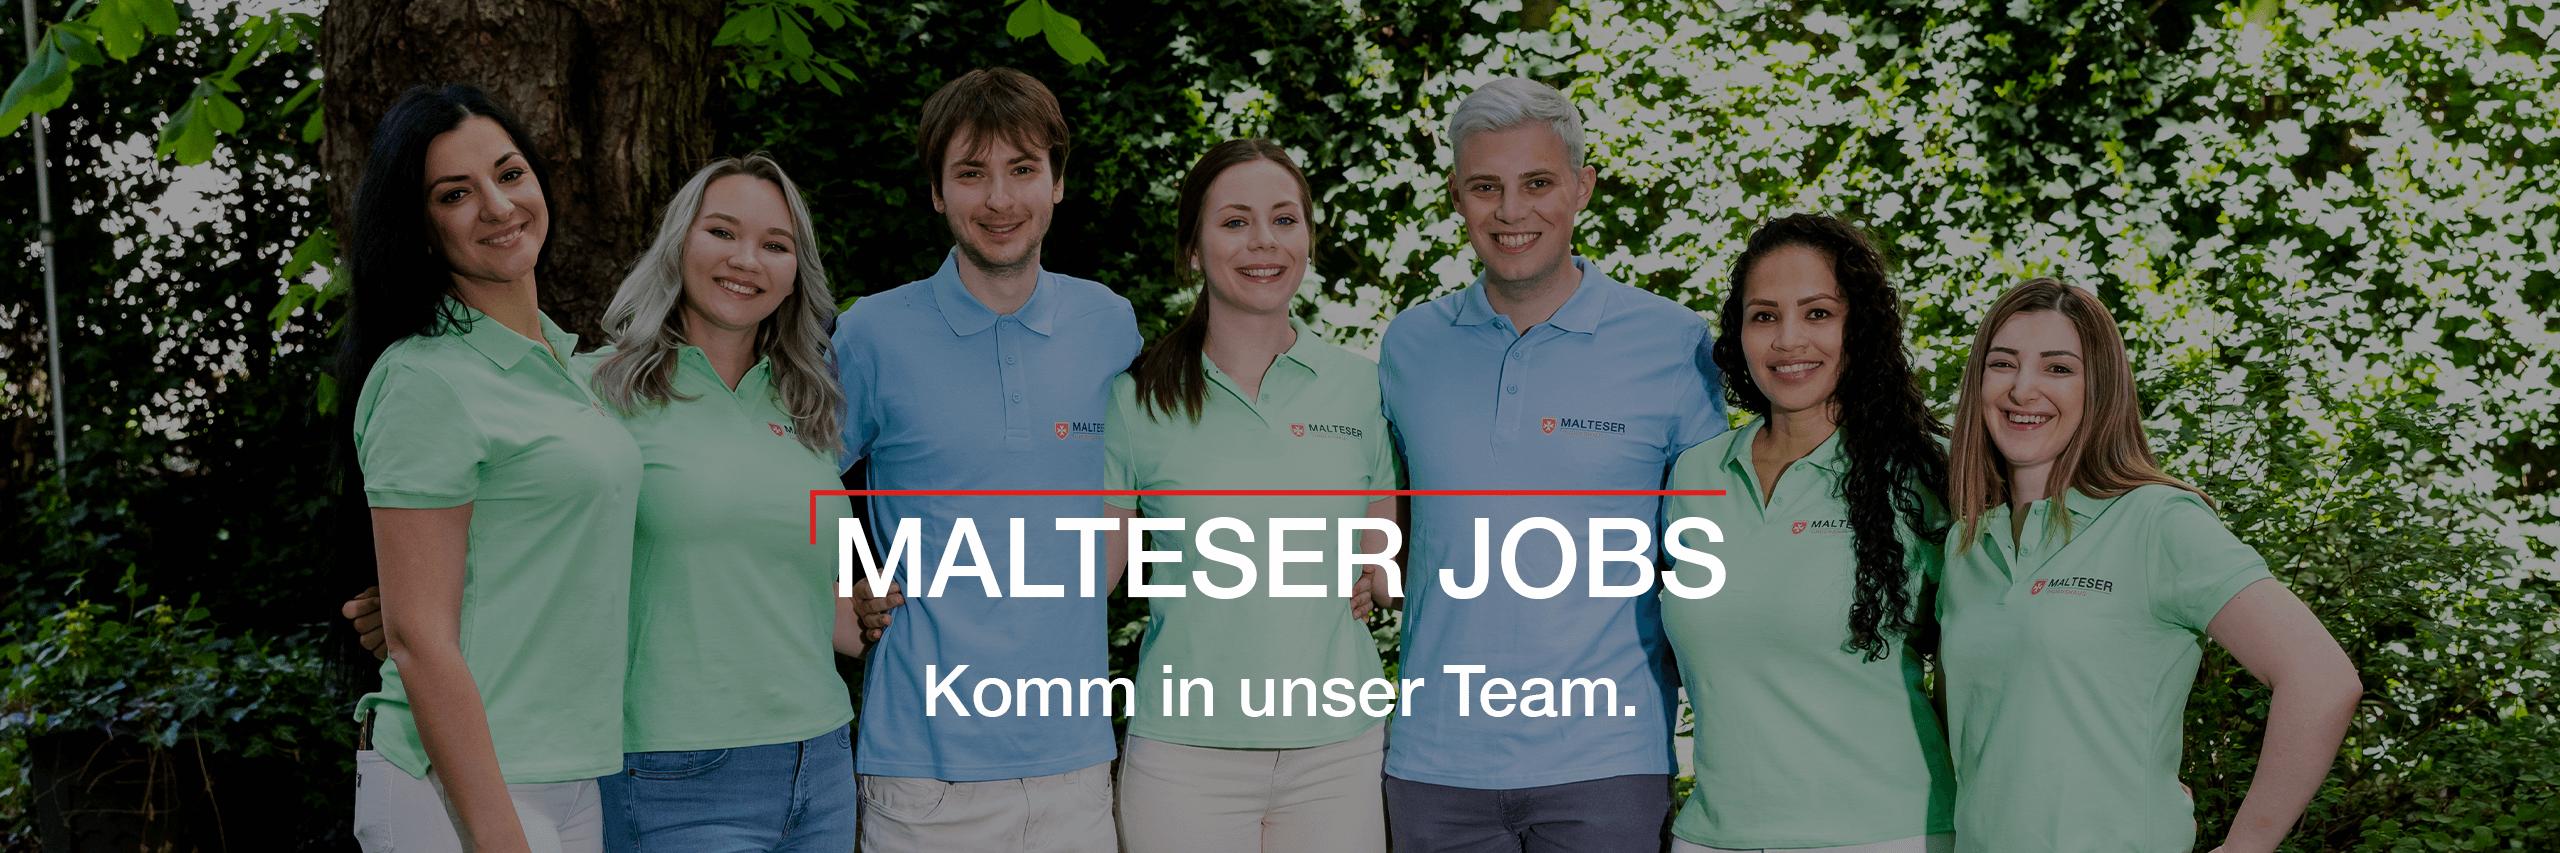 Malteser Jobs V3